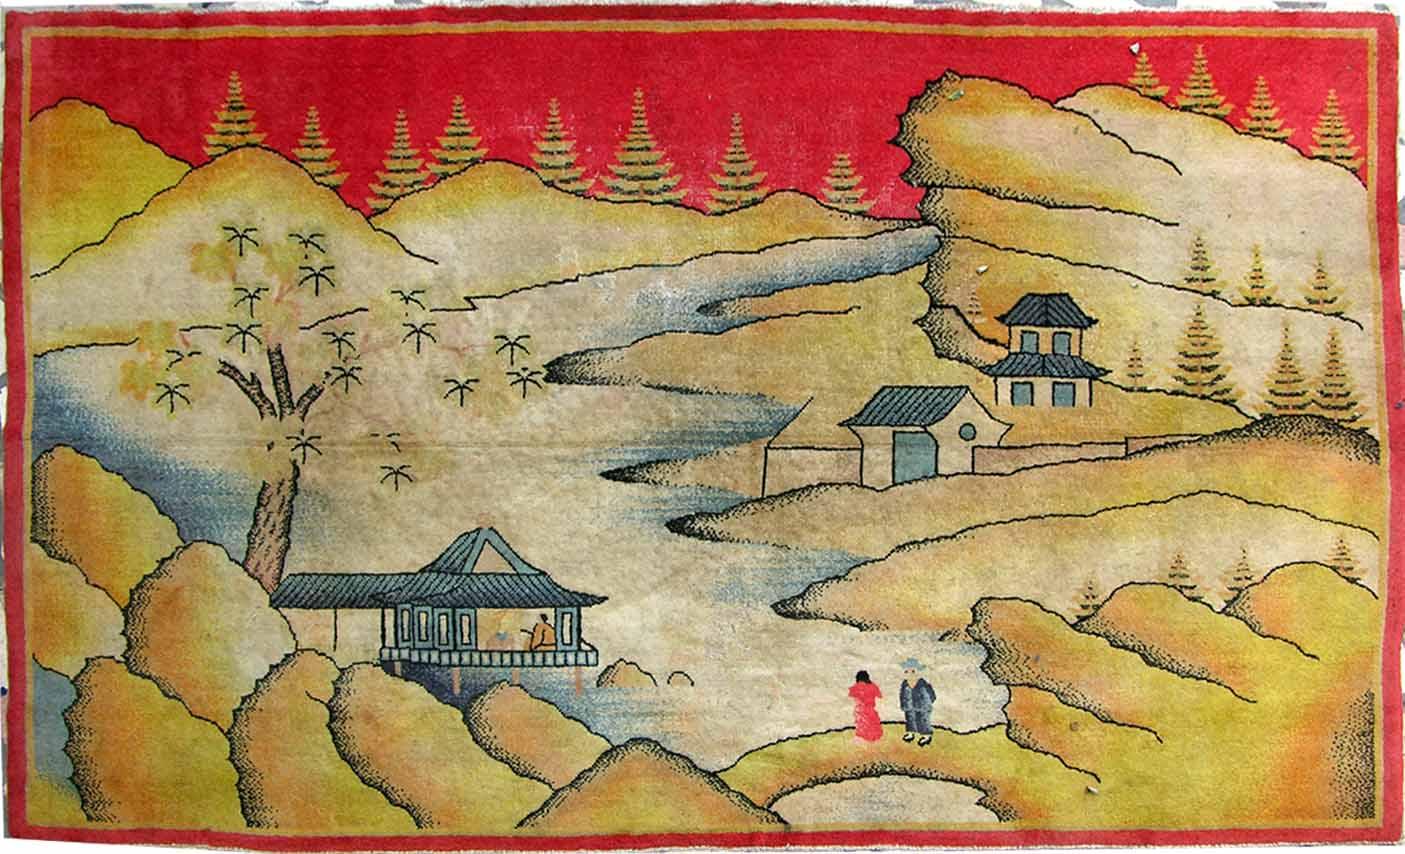 地毯作为家居中一道不可或缺的风景,占据家居的中心地位。而,地毯也品种繁多,现代、民族、异域等。不同风格打造不同家居情调。纯毛地毯按照编制工艺可以分为手织地毯和机织地毯两种。 手织地毯的价格比较珍贵,其中具有浓郁东方特色的新疆地毯 、藏毯和波斯地毯 在家居风格的搭配上构成了一道独特的风景。这些西域风情地毯以其优异的品质和悠久的历史,在各类地毯中别具一格。新疆地毯的原料是著名的和田羊羊毛。这种羊毛粗而不粘,坚韧而富于弹性,具有耐拉、耐压、光泽好、强度大。 新疆地毯的图案和颜色具有鲜明的民族特点和浓郁的地方色彩